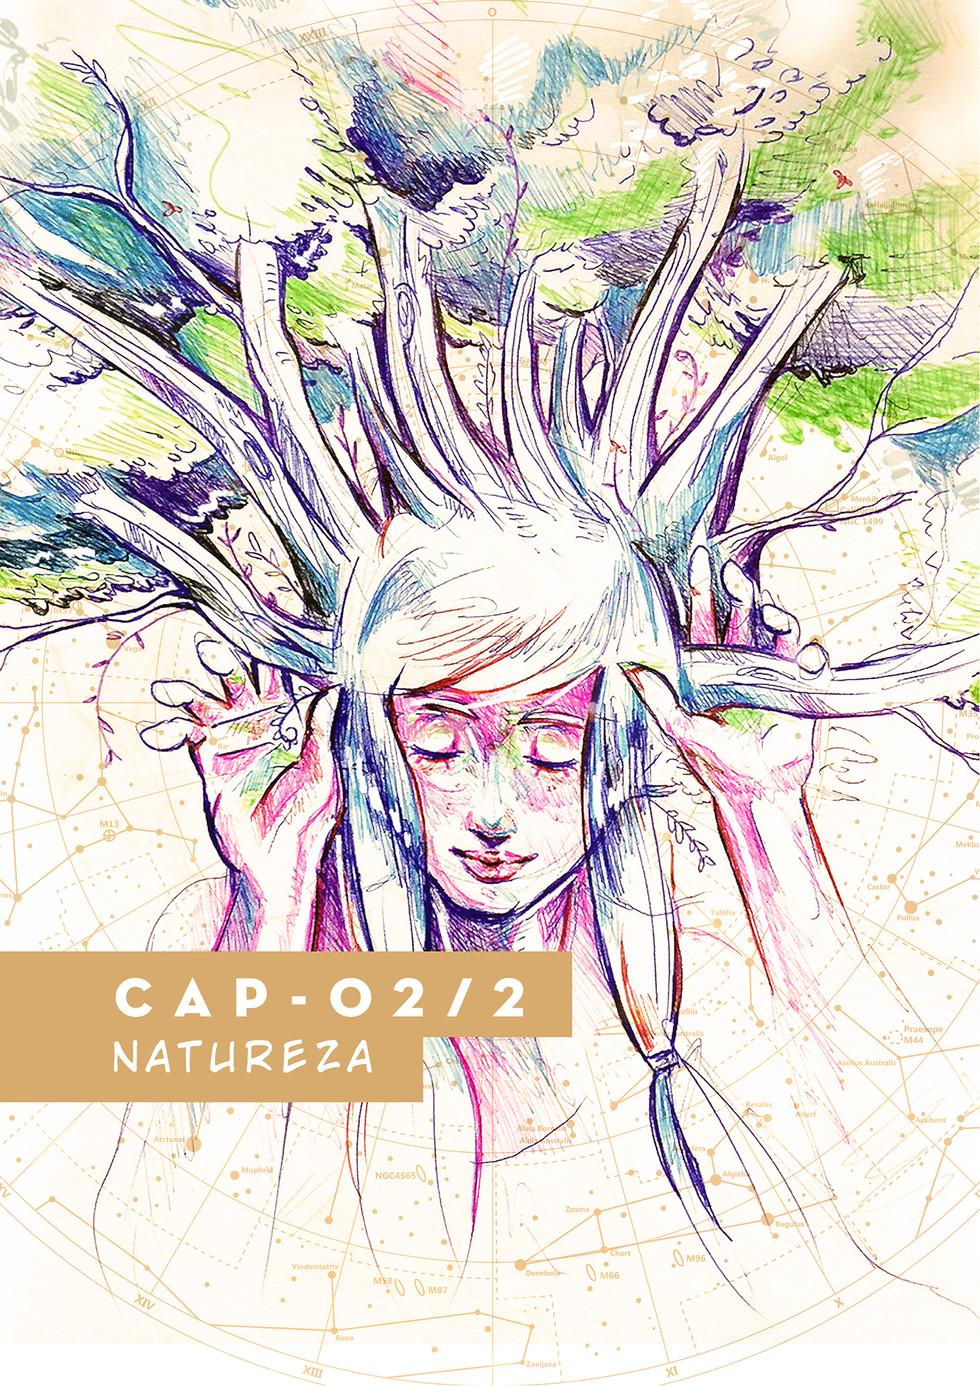 CAP-02-19